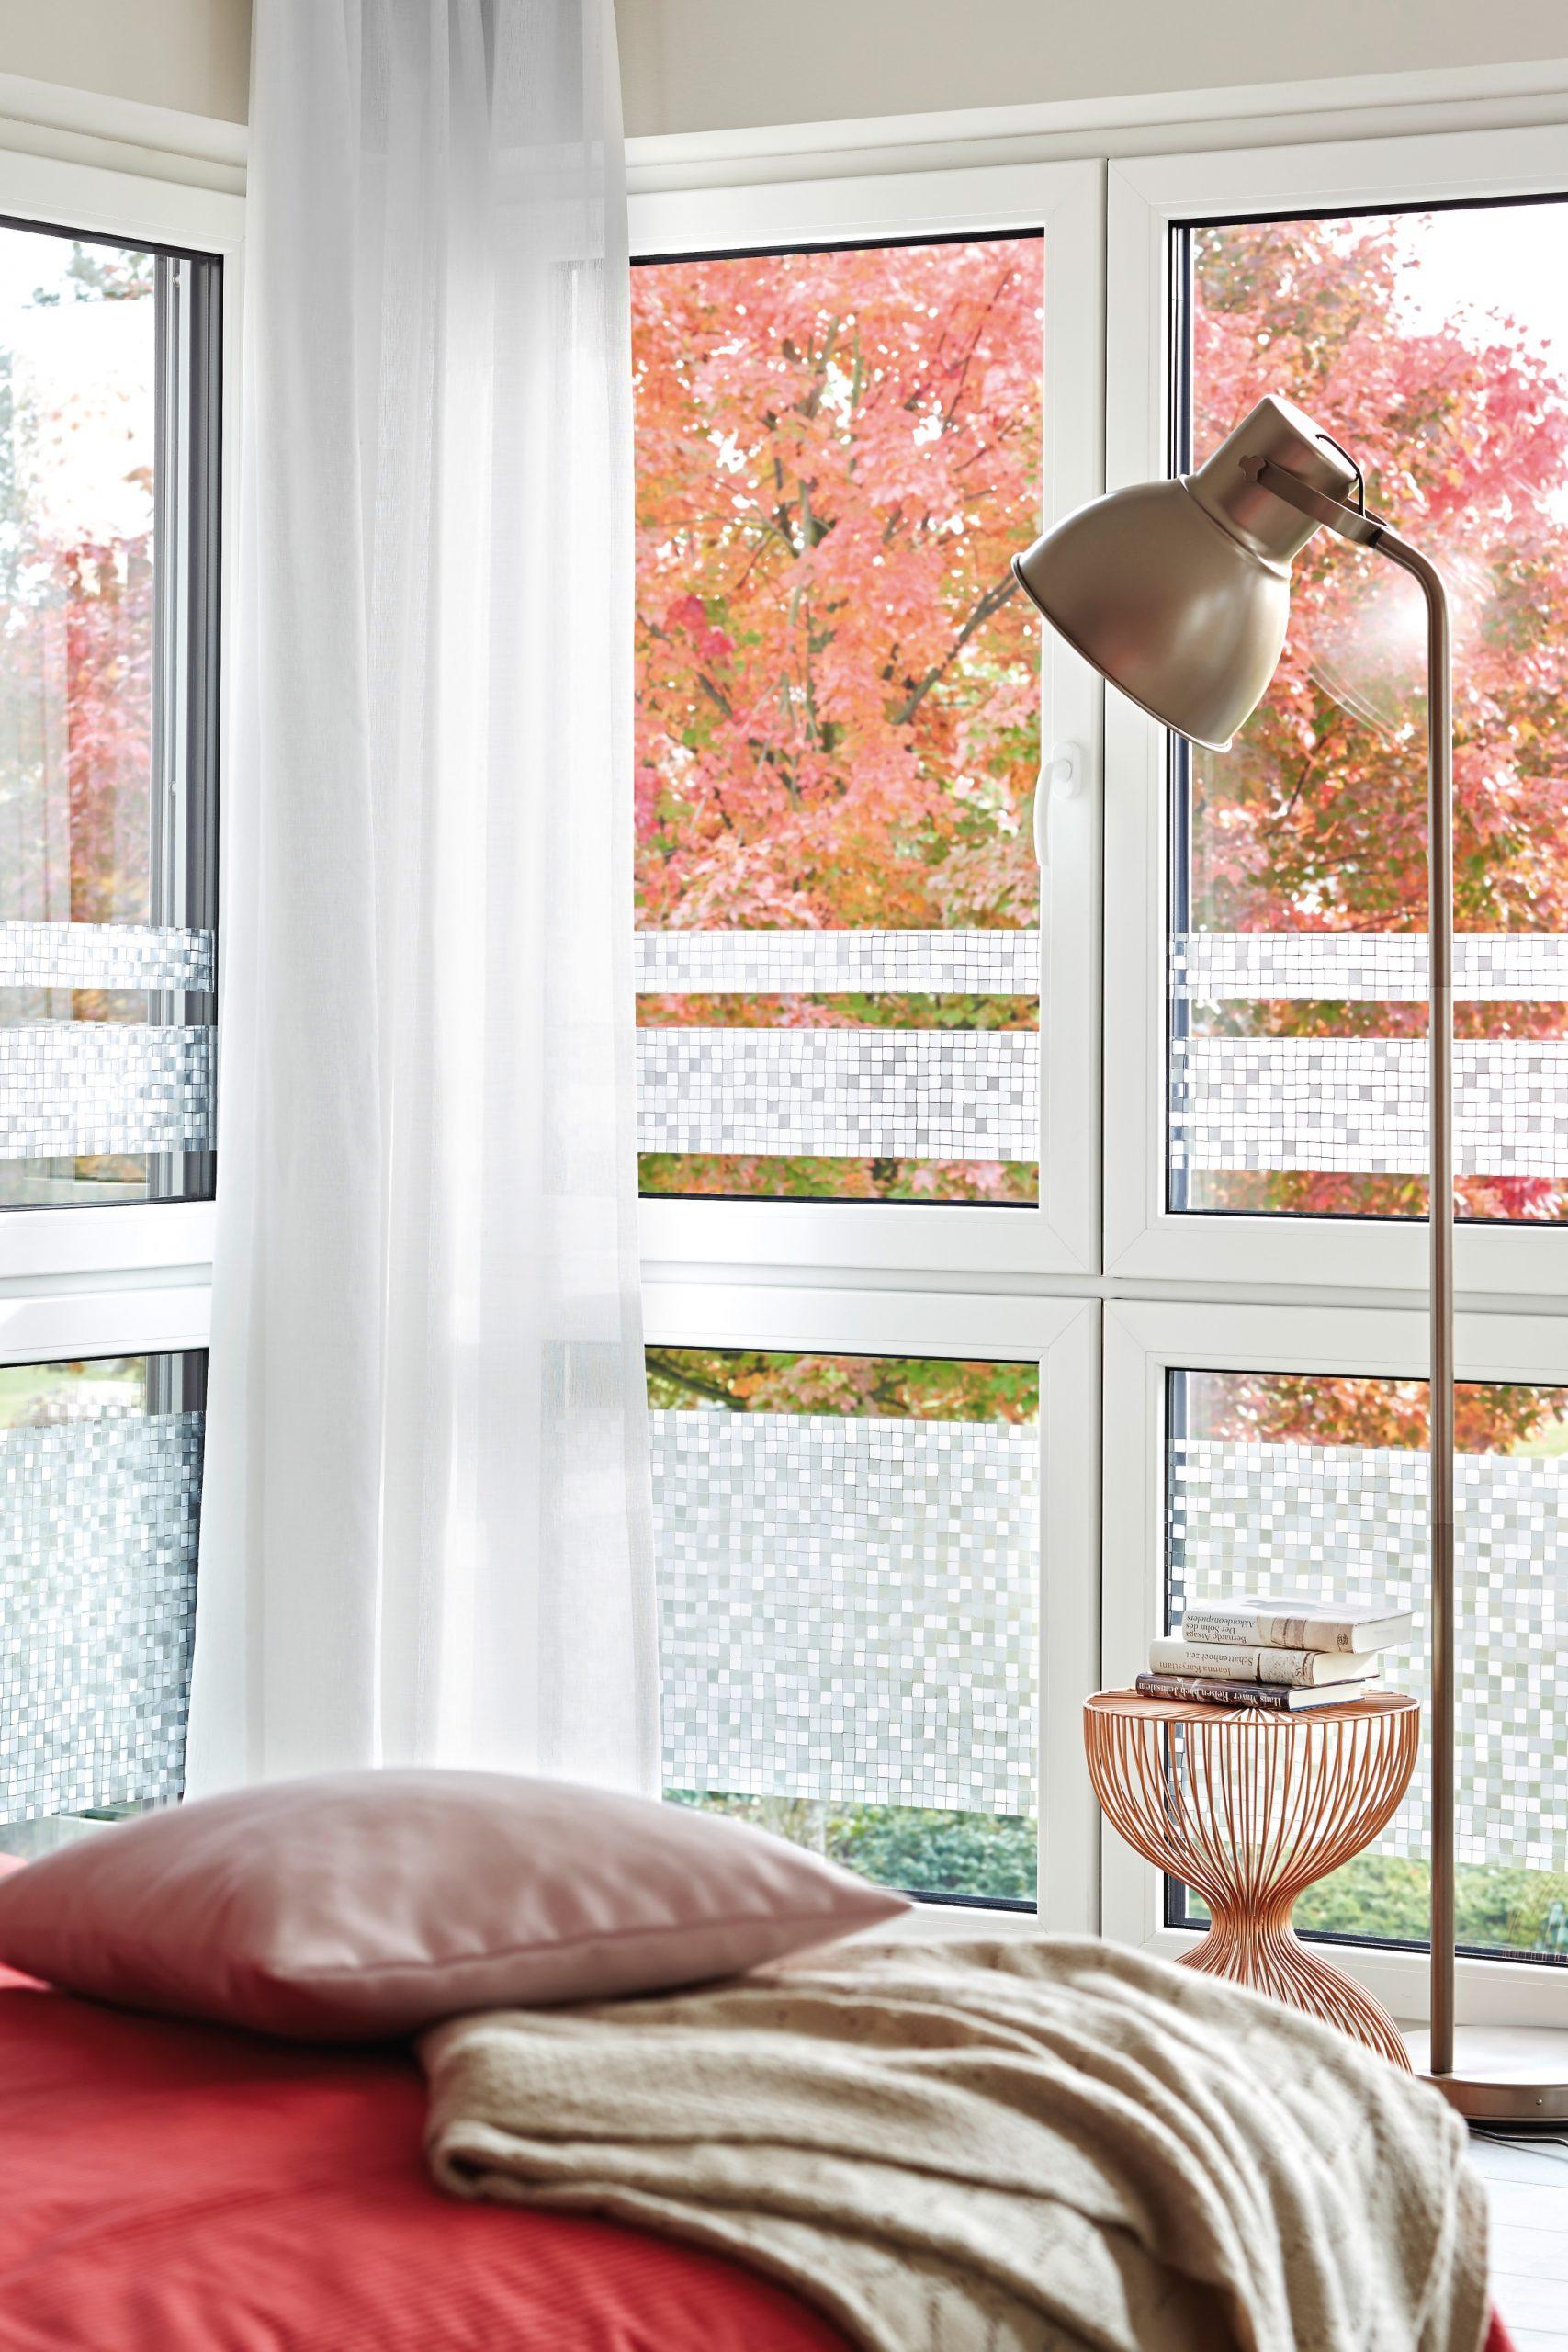 Full Size of Sichtschutz Fenster Fensterklebefolie Anbringen In 5 Schritten Obi Kbe Gitter Einbruchschutz Einbruchsichere Dachschräge 3 Fach Verglasung Verdunkelung Rehau Fenster Sichtschutz Fenster